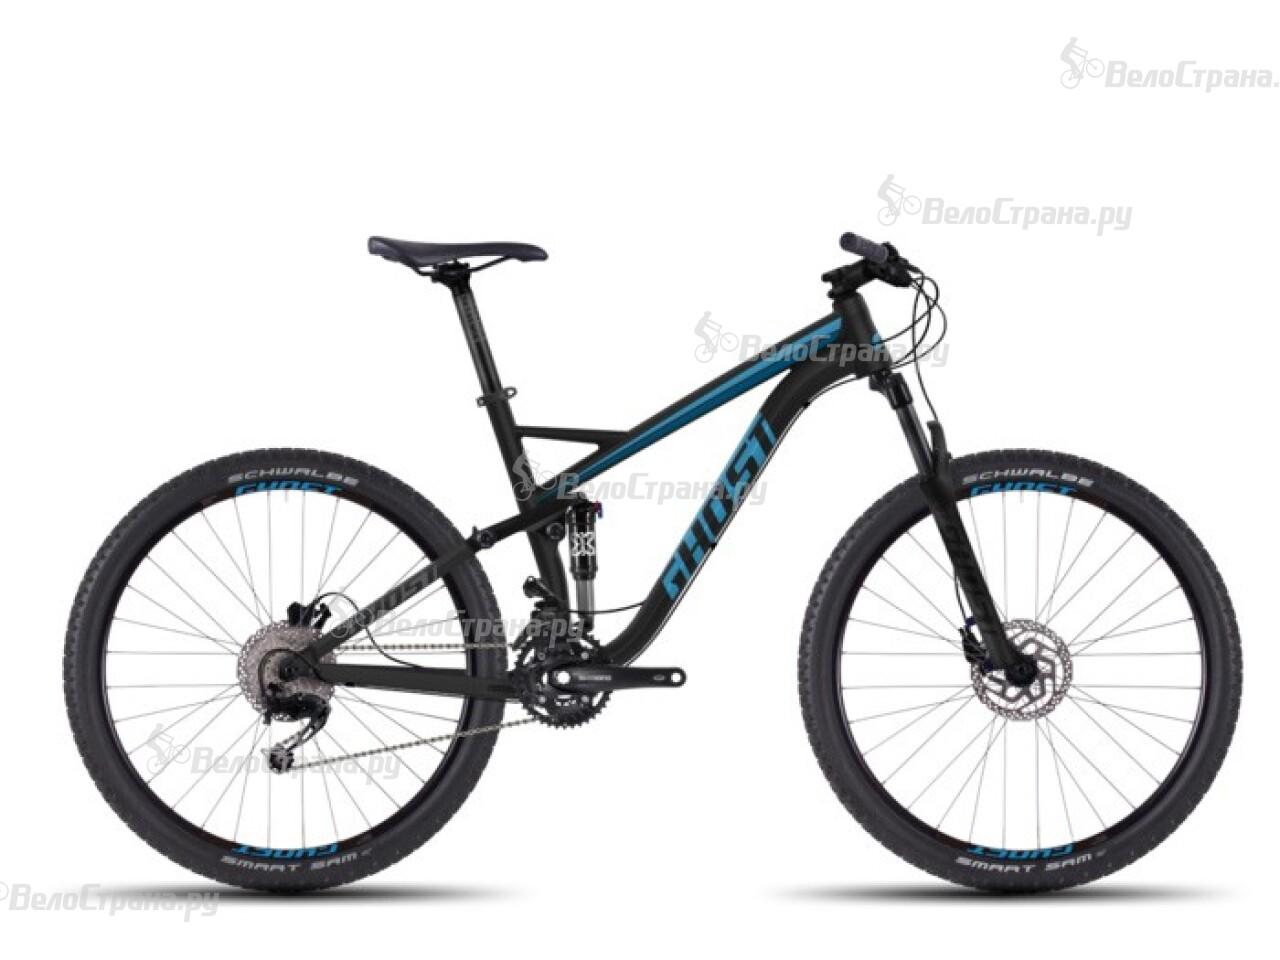 Велосипед Ghost Kato FS 2 (2016) цены онлайн